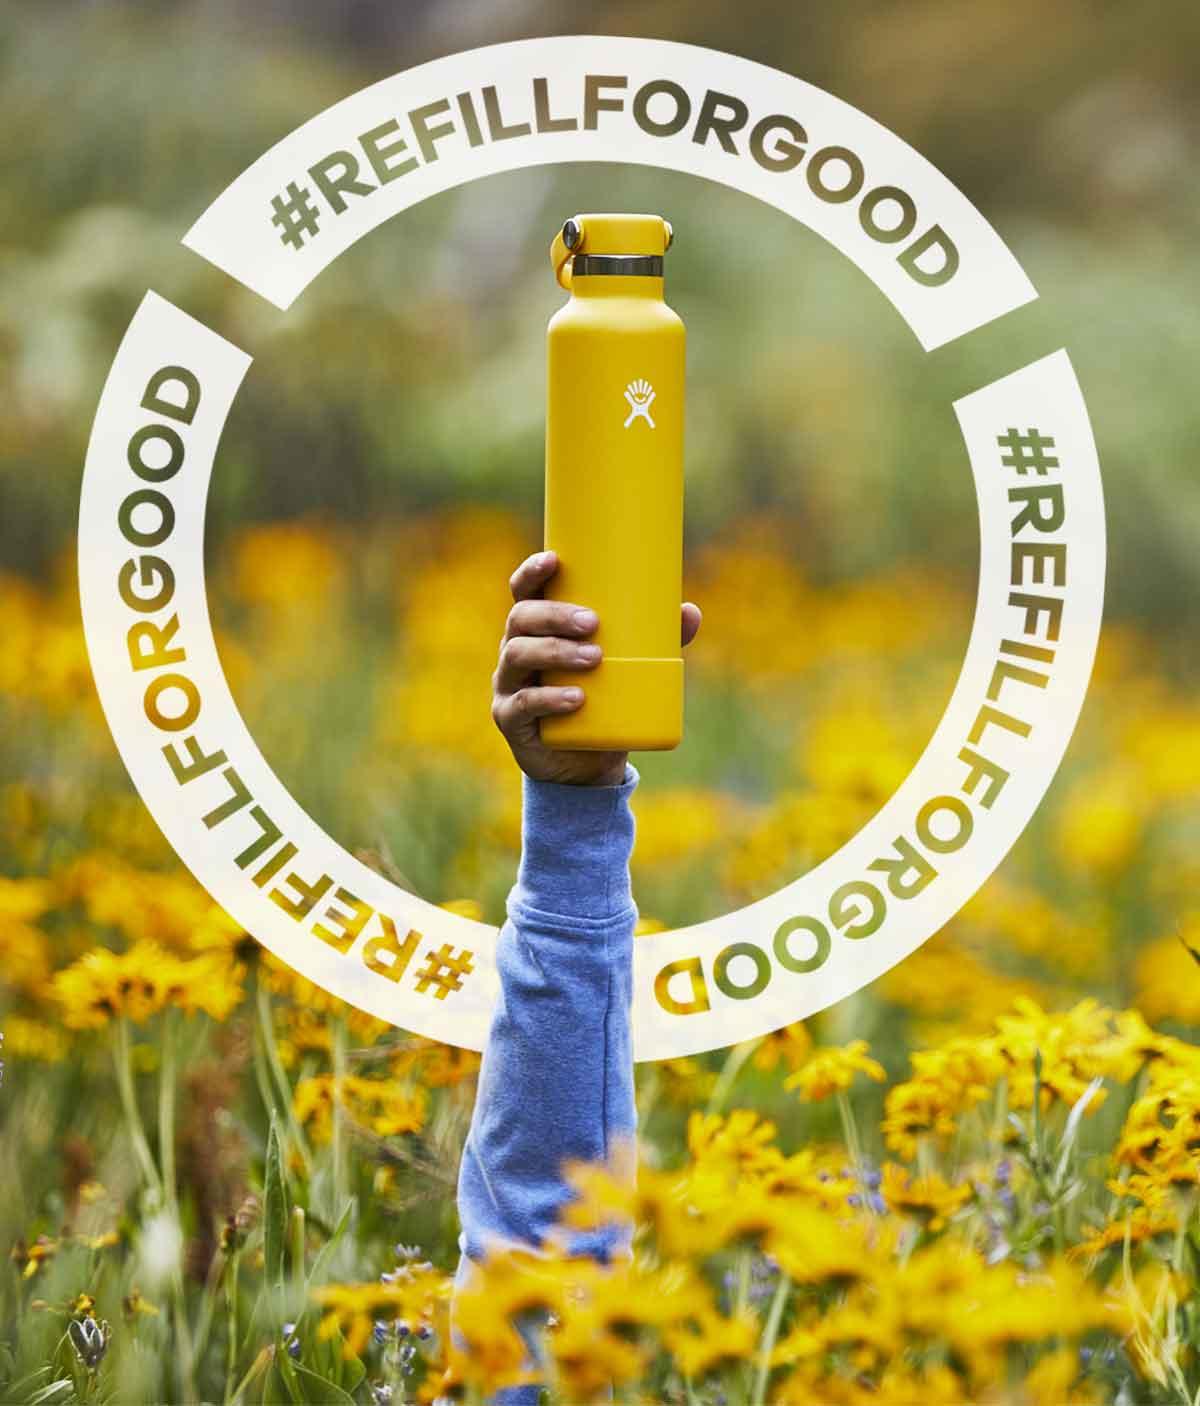 #REFILLFORGOOD